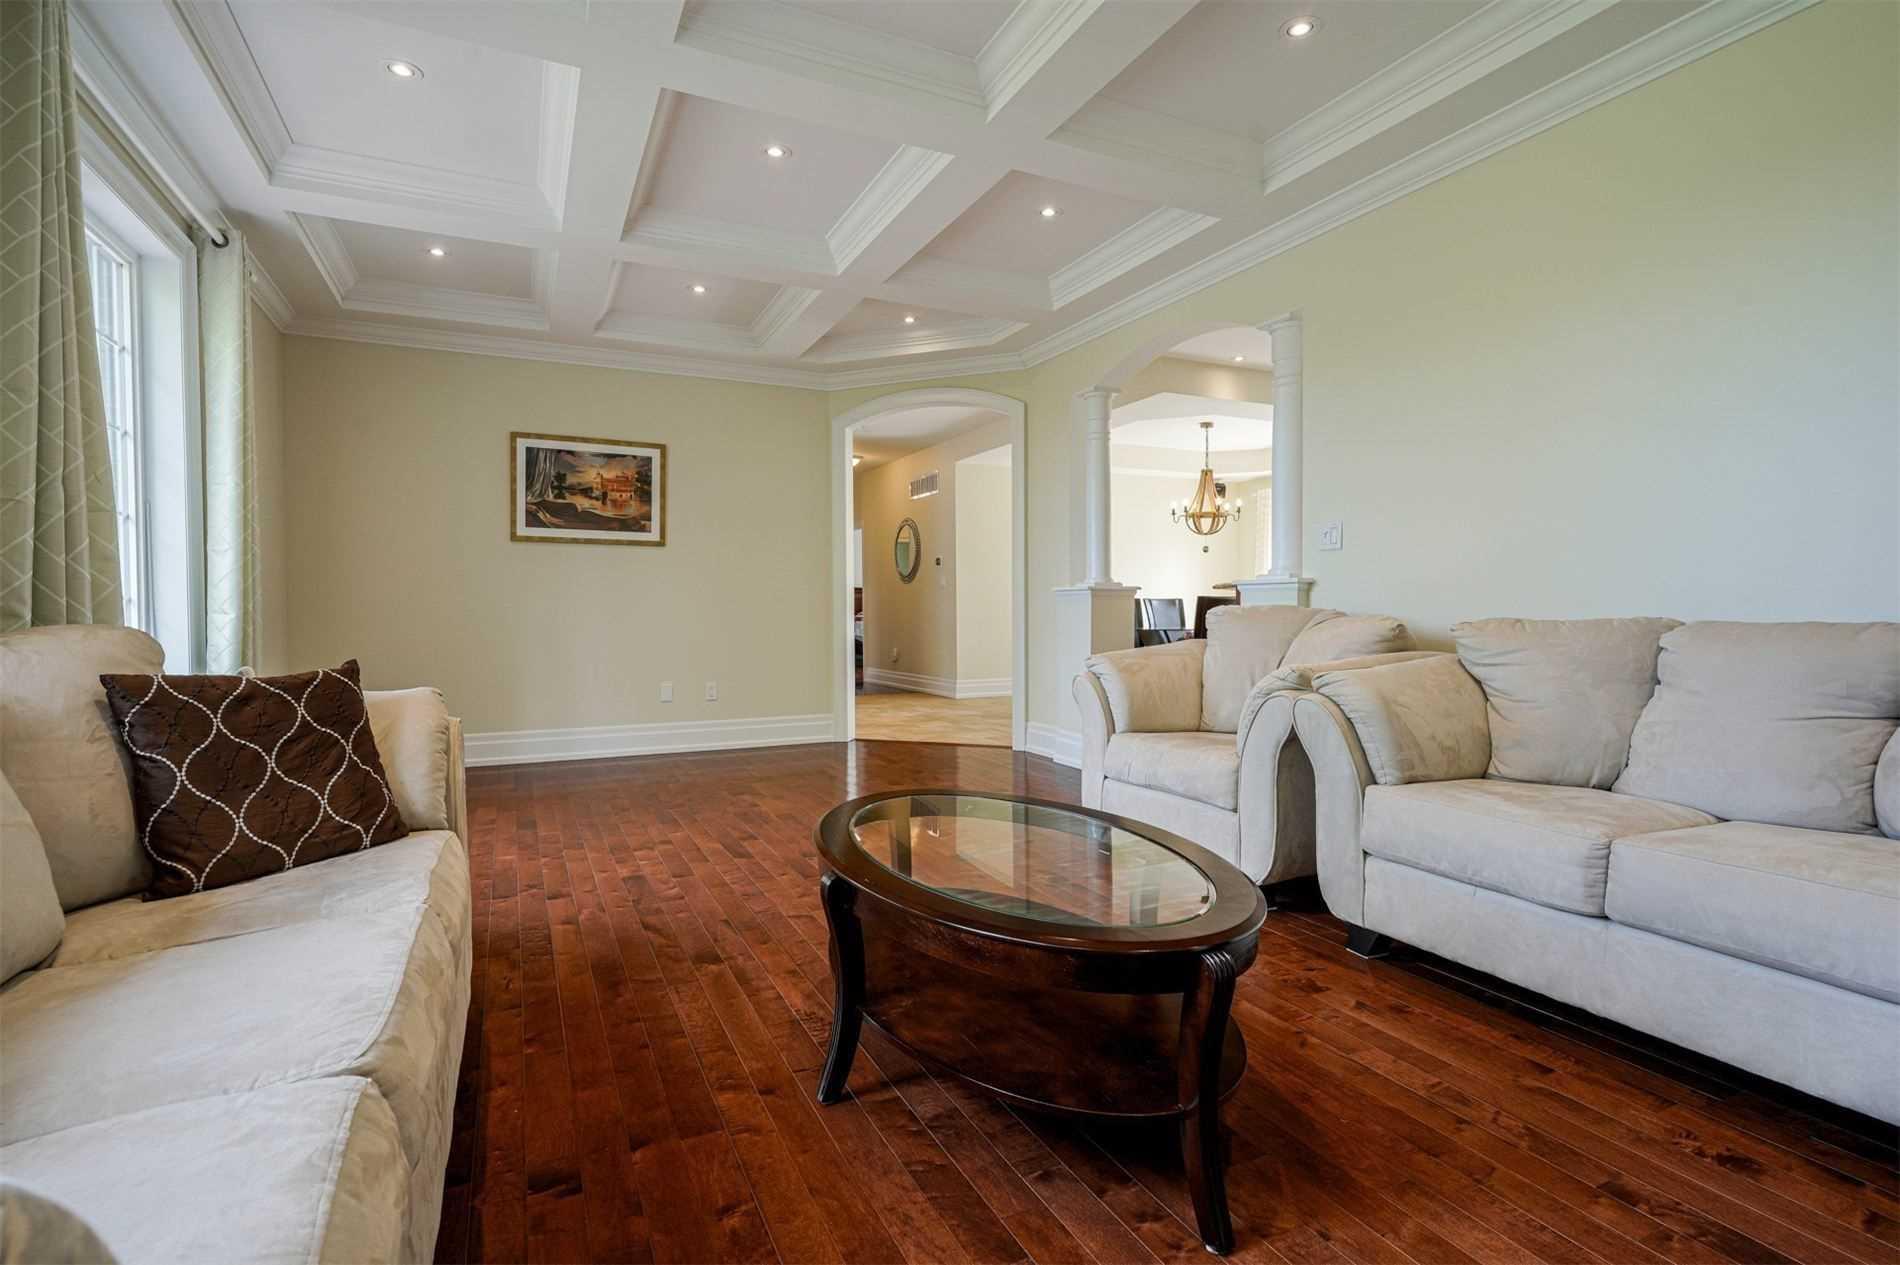 315 Highway 47 Rd - Rural Uxbridge Detached for sale, 3 Bedrooms (N5306115) - #7